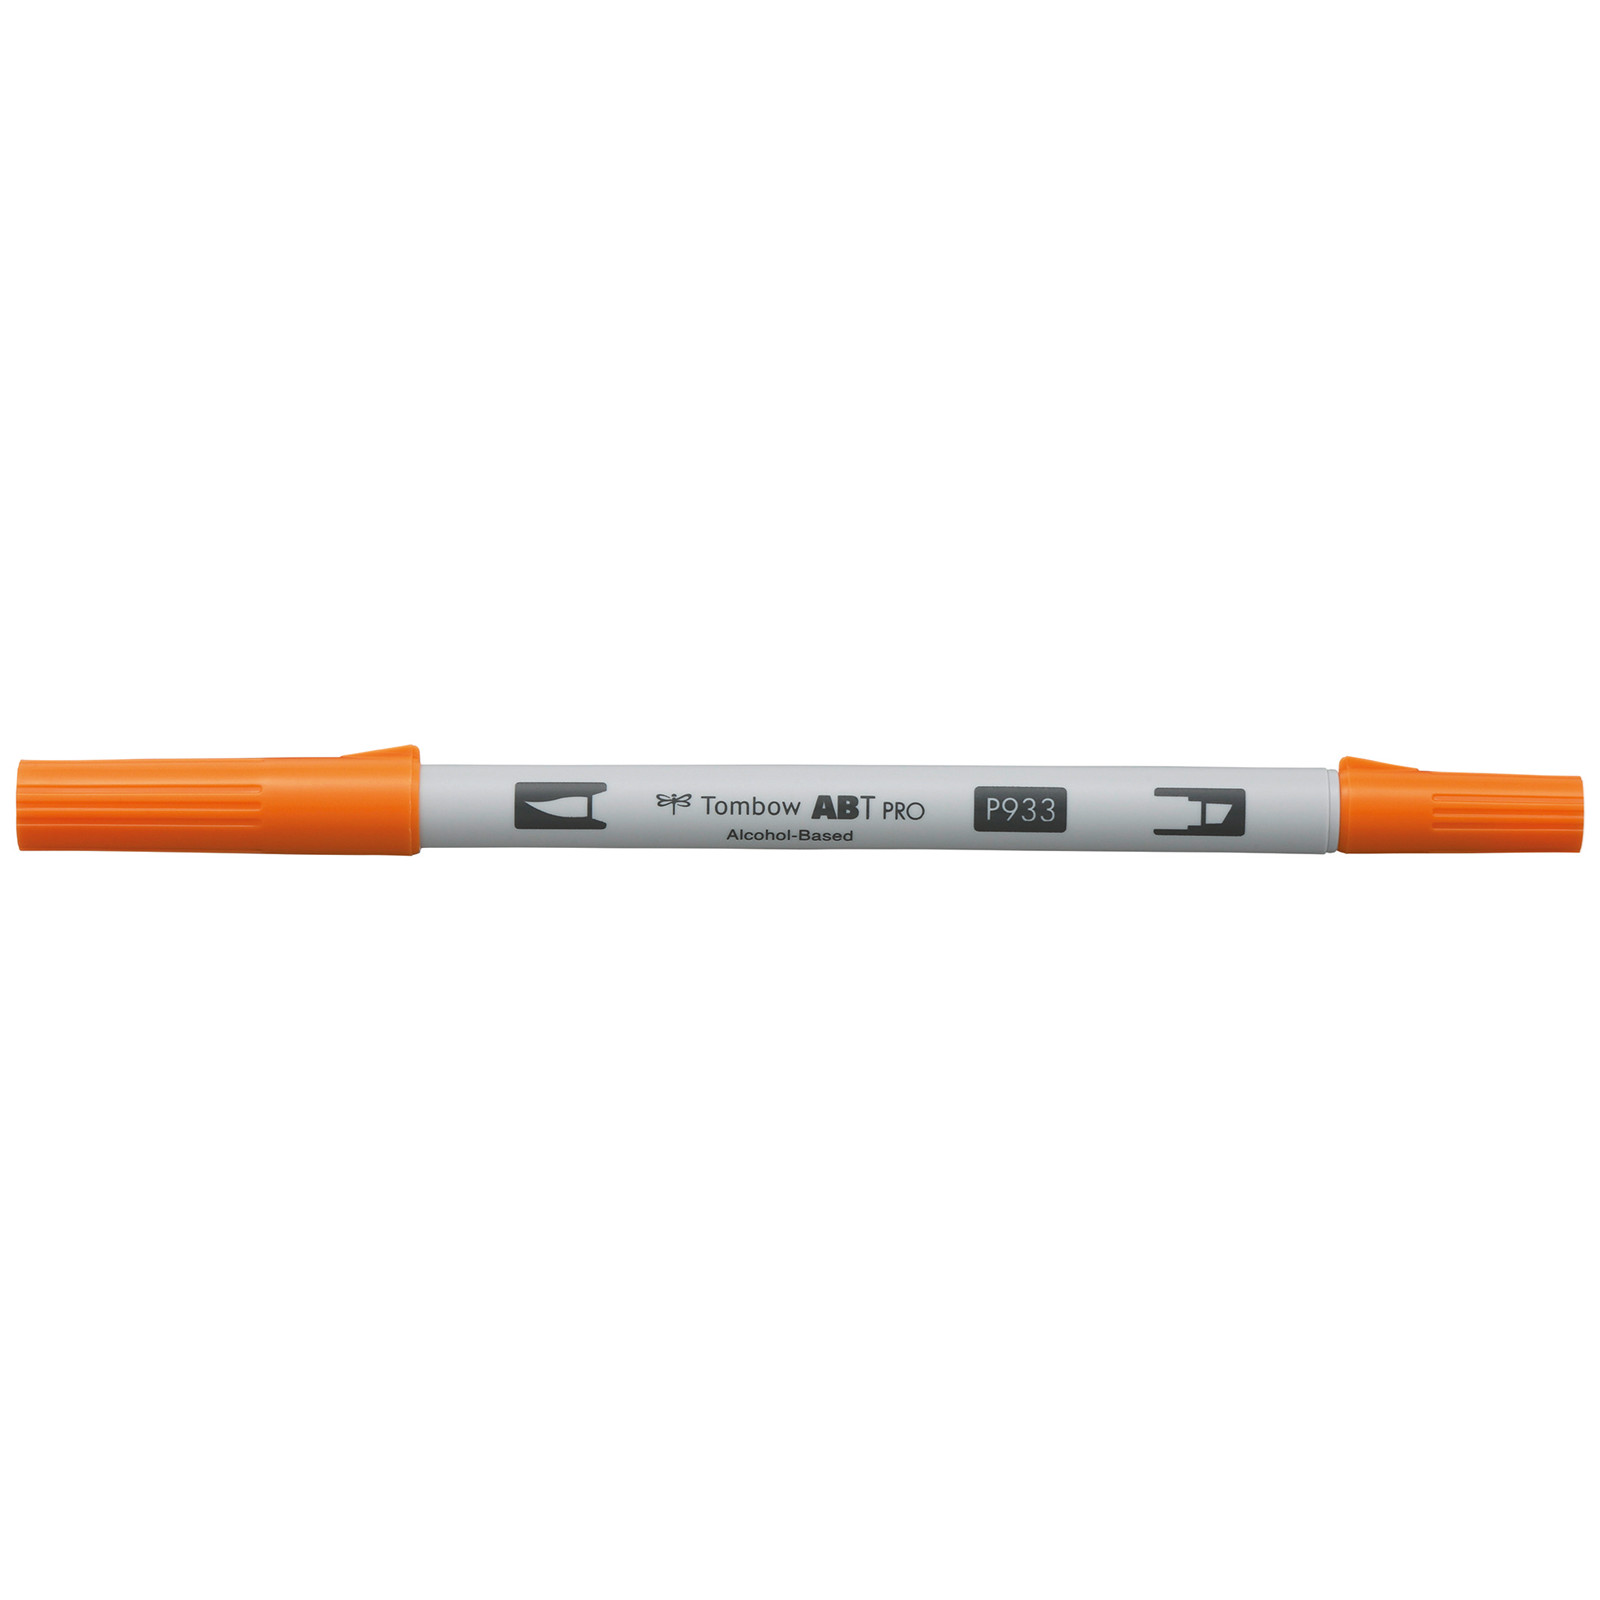 Tombow Marker alcohol-based ABT PRO Dual Brush 933 orange